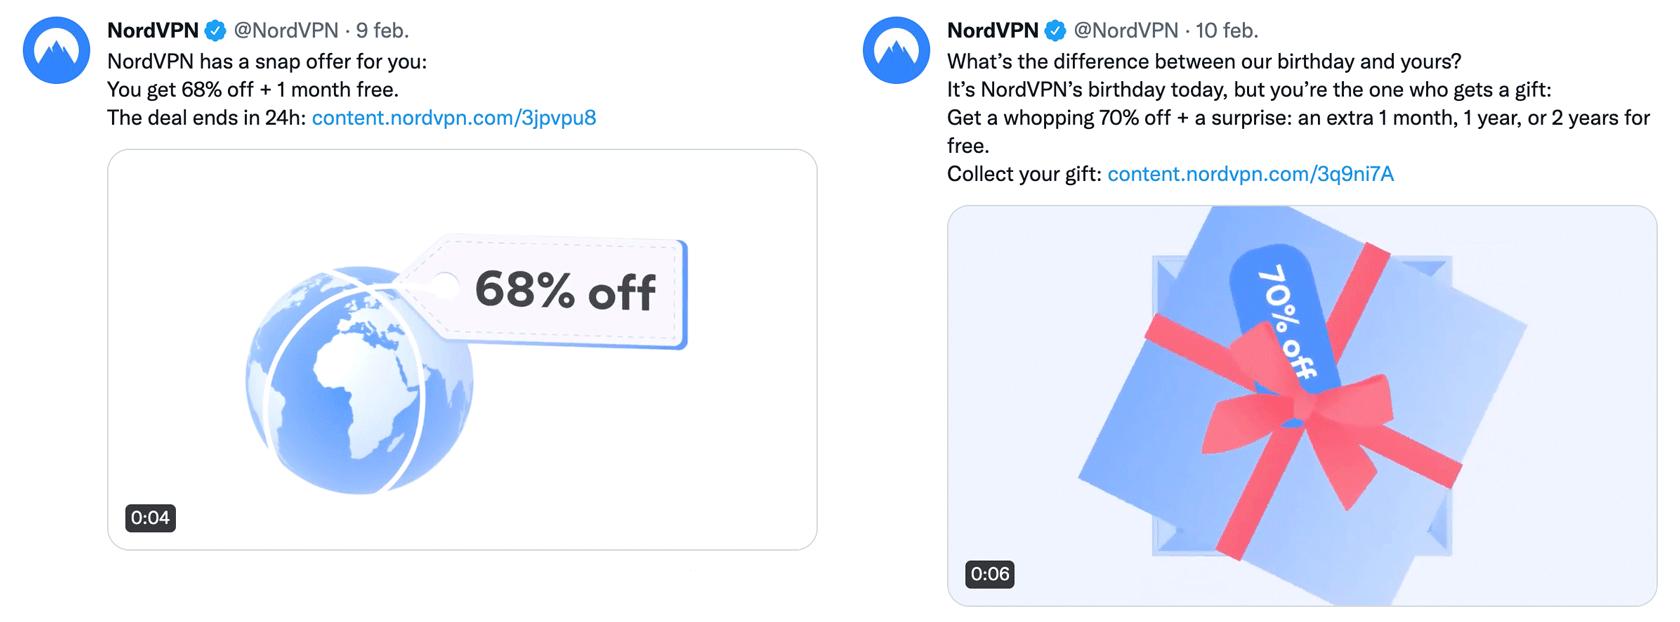 Twitter-inlägg från nionde februari säger att kampanjen ska ta slut om 24 timmar. Twitter-inlägg från tionde februari startar en ny kampanj med högre rabattsats.